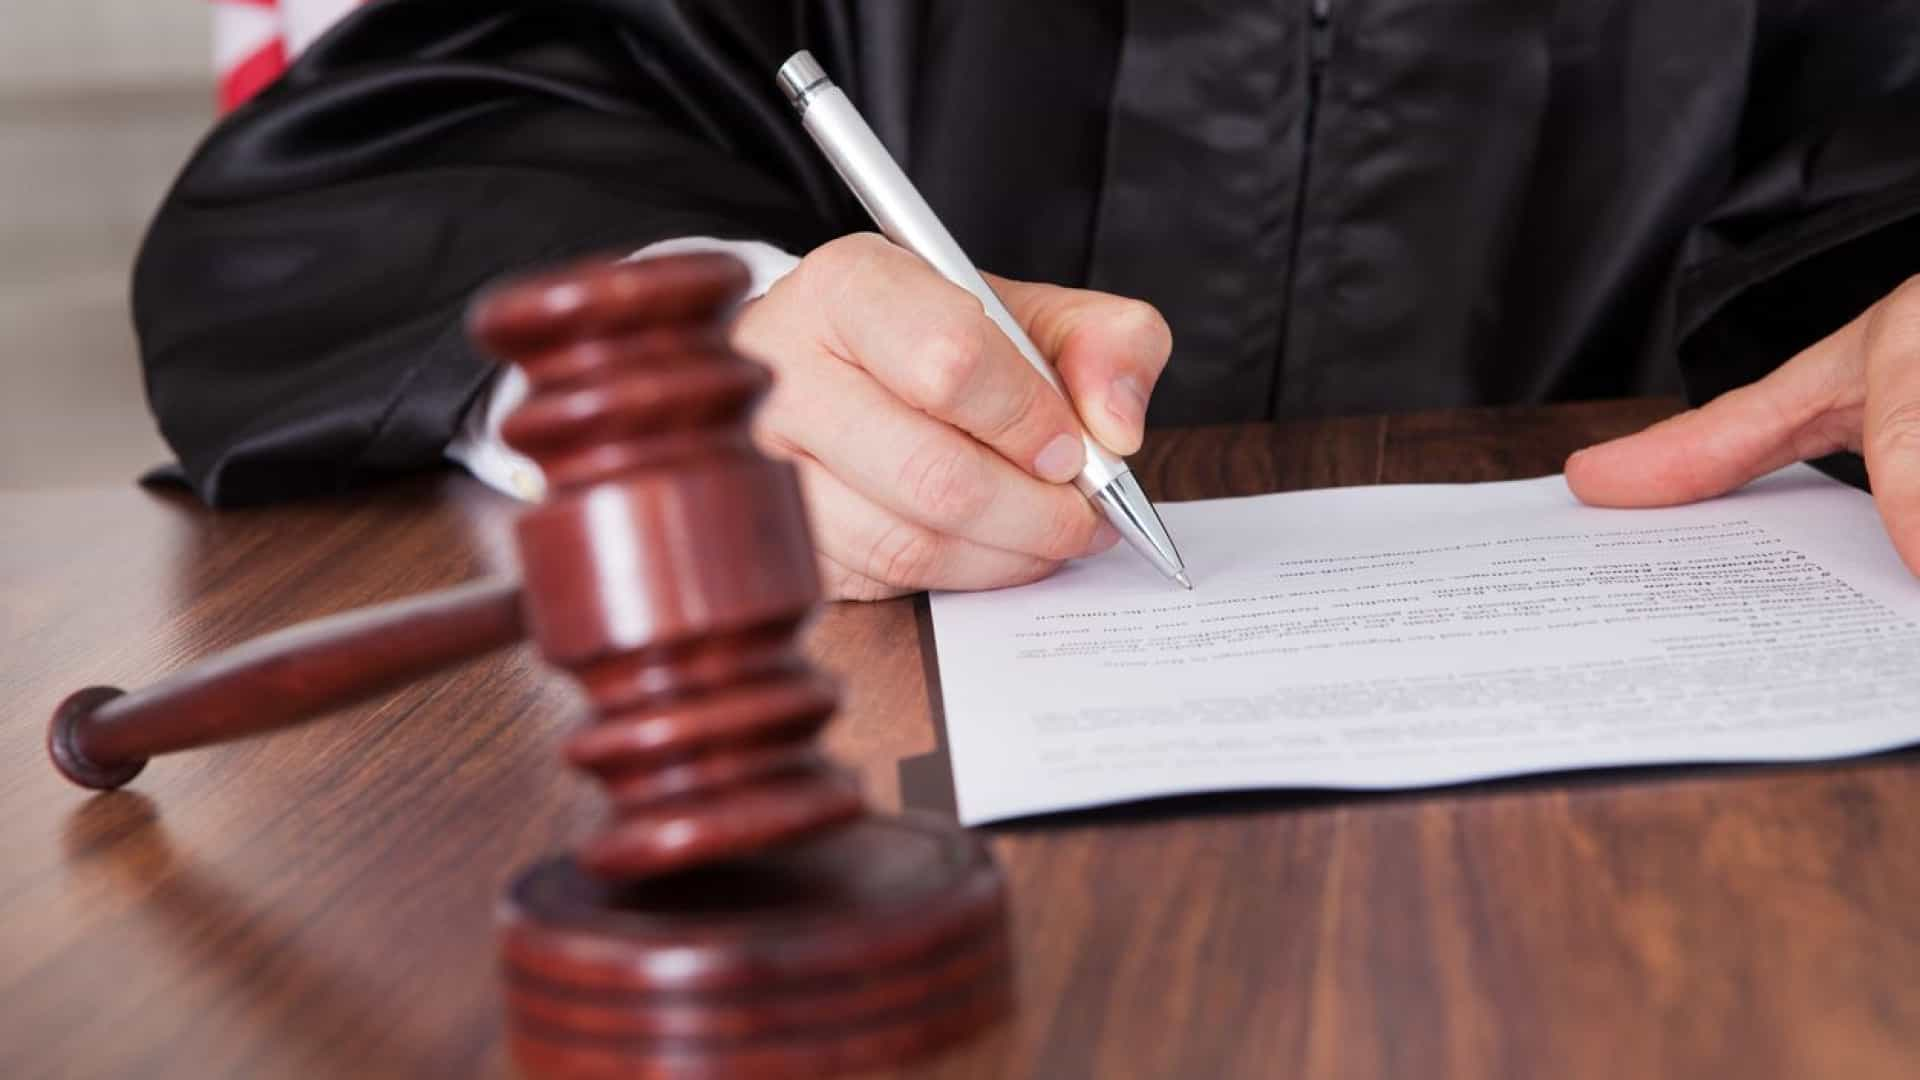 Tribunal julga recursos da EDP e Sonae a coimas de 38,3 milhões